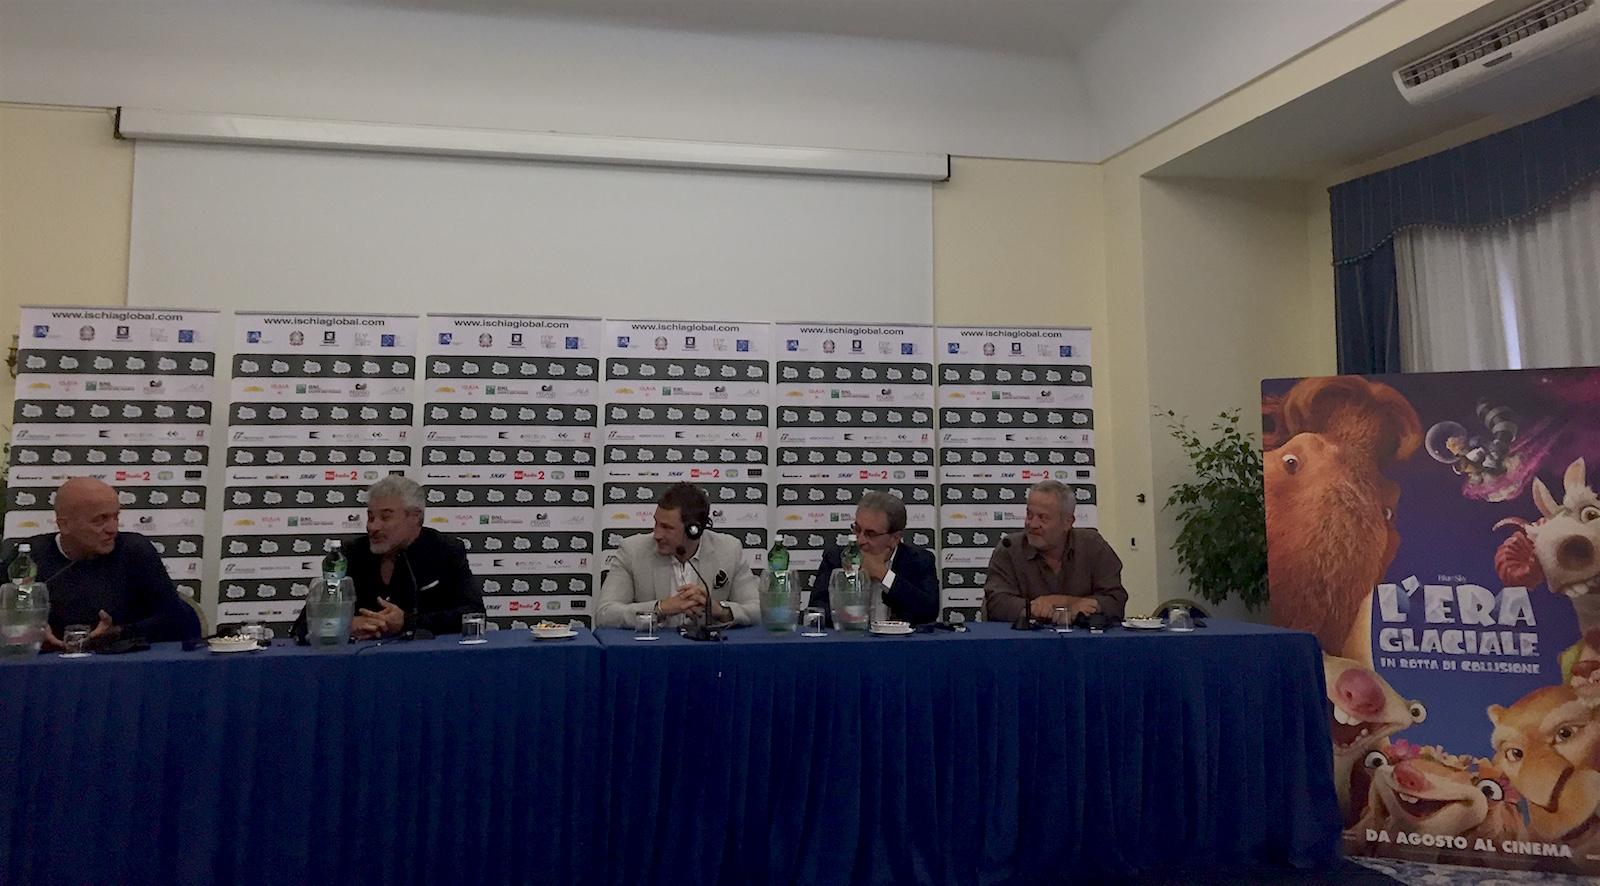 L'era glaciale - In rotta di collisione: Claudio Bisio, Pino Insegno, Lee Ryan, Massimo Giuliani e Marco Guadagno all'Ischia Global Fest